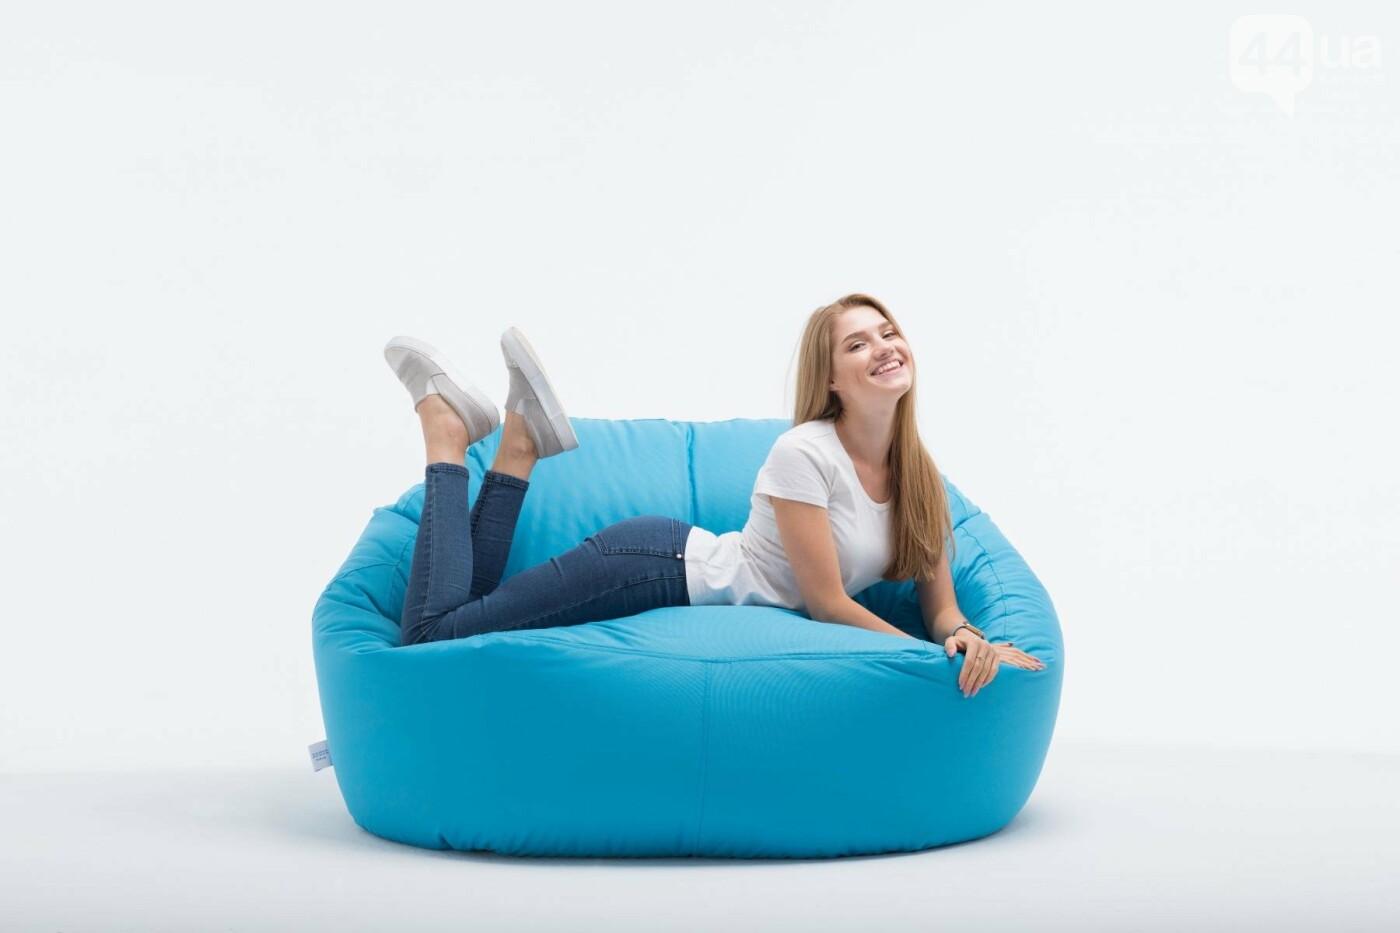 Обзор мебельных компаний Киева: какую мебель выбрать?, фото-66